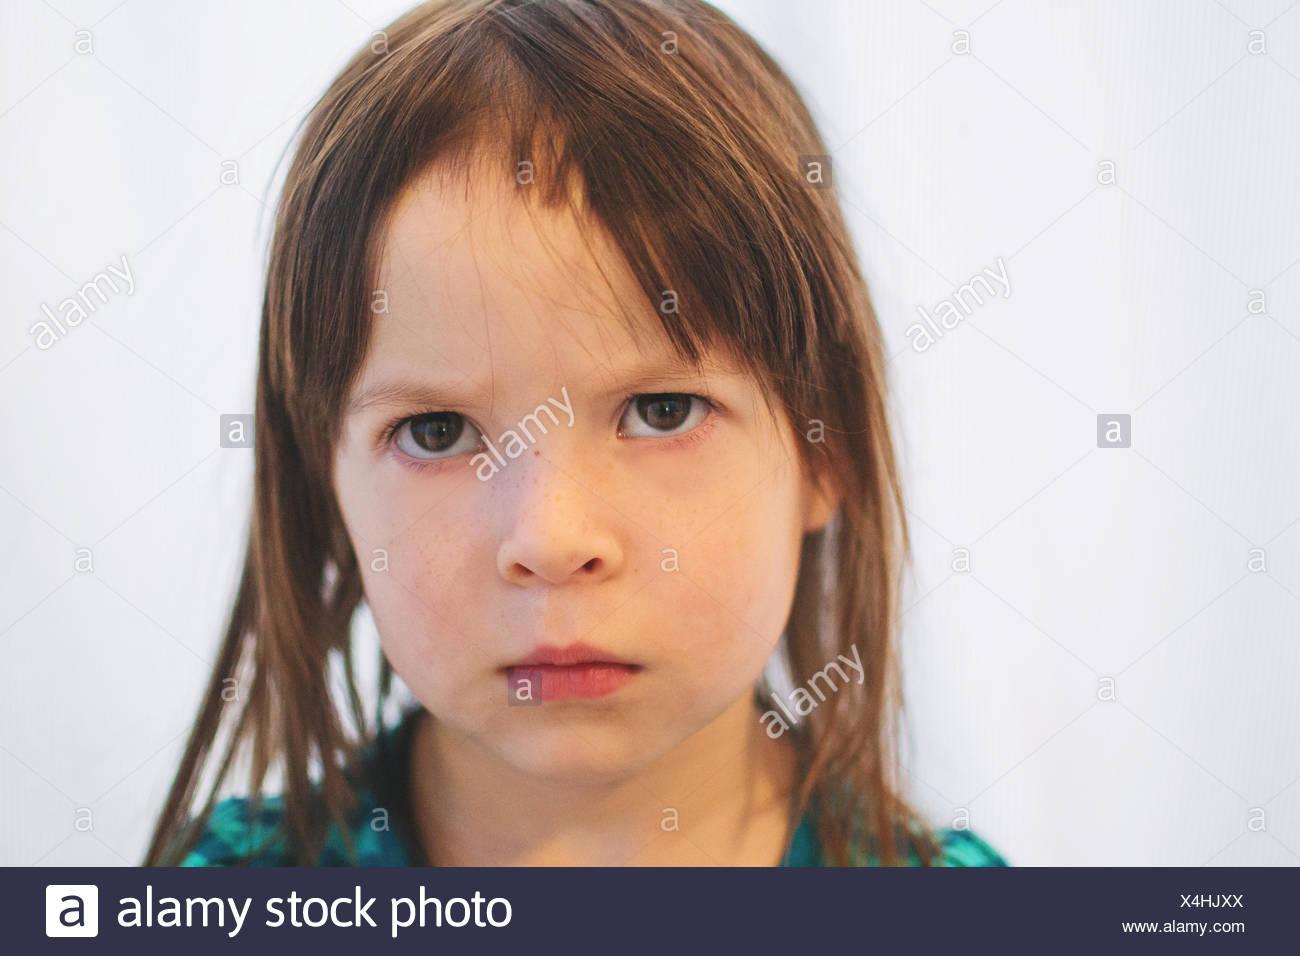 Ritratto di una ragazza che ha tagliato i suoi capelli Immagini Stock